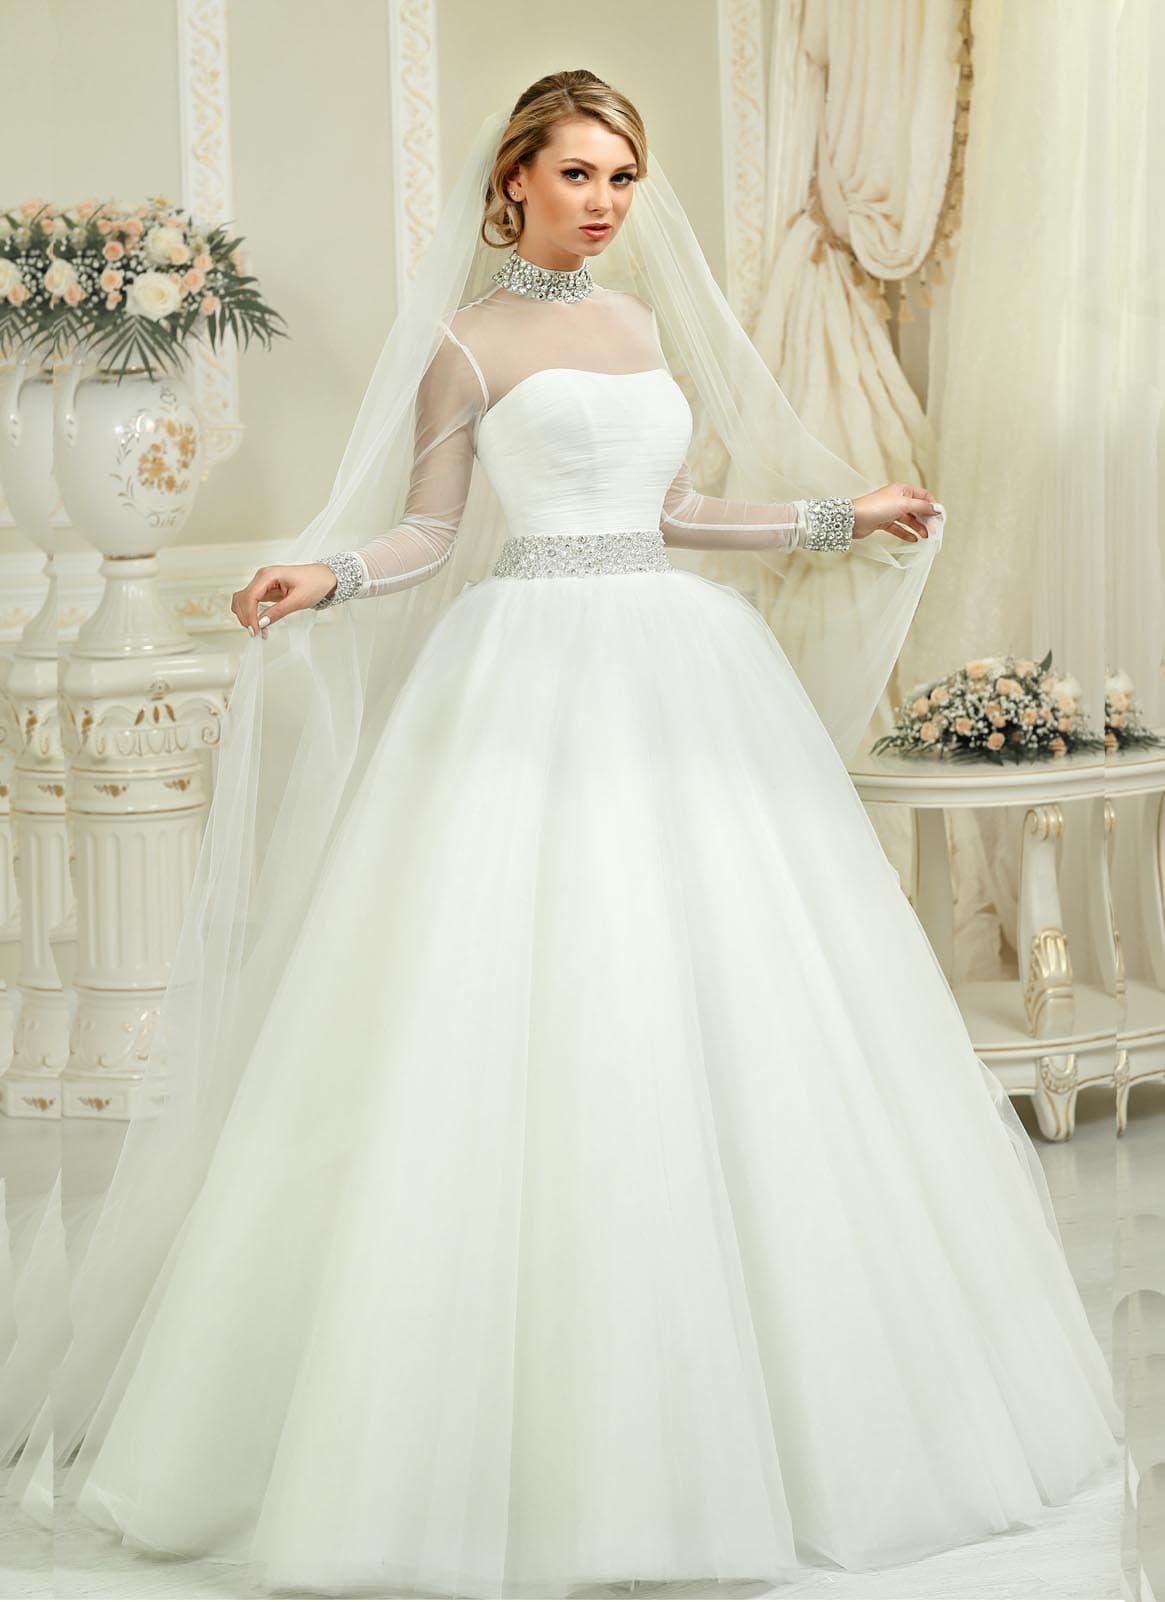 небо обои, закрытые пышные свадебные платья картинки тележка